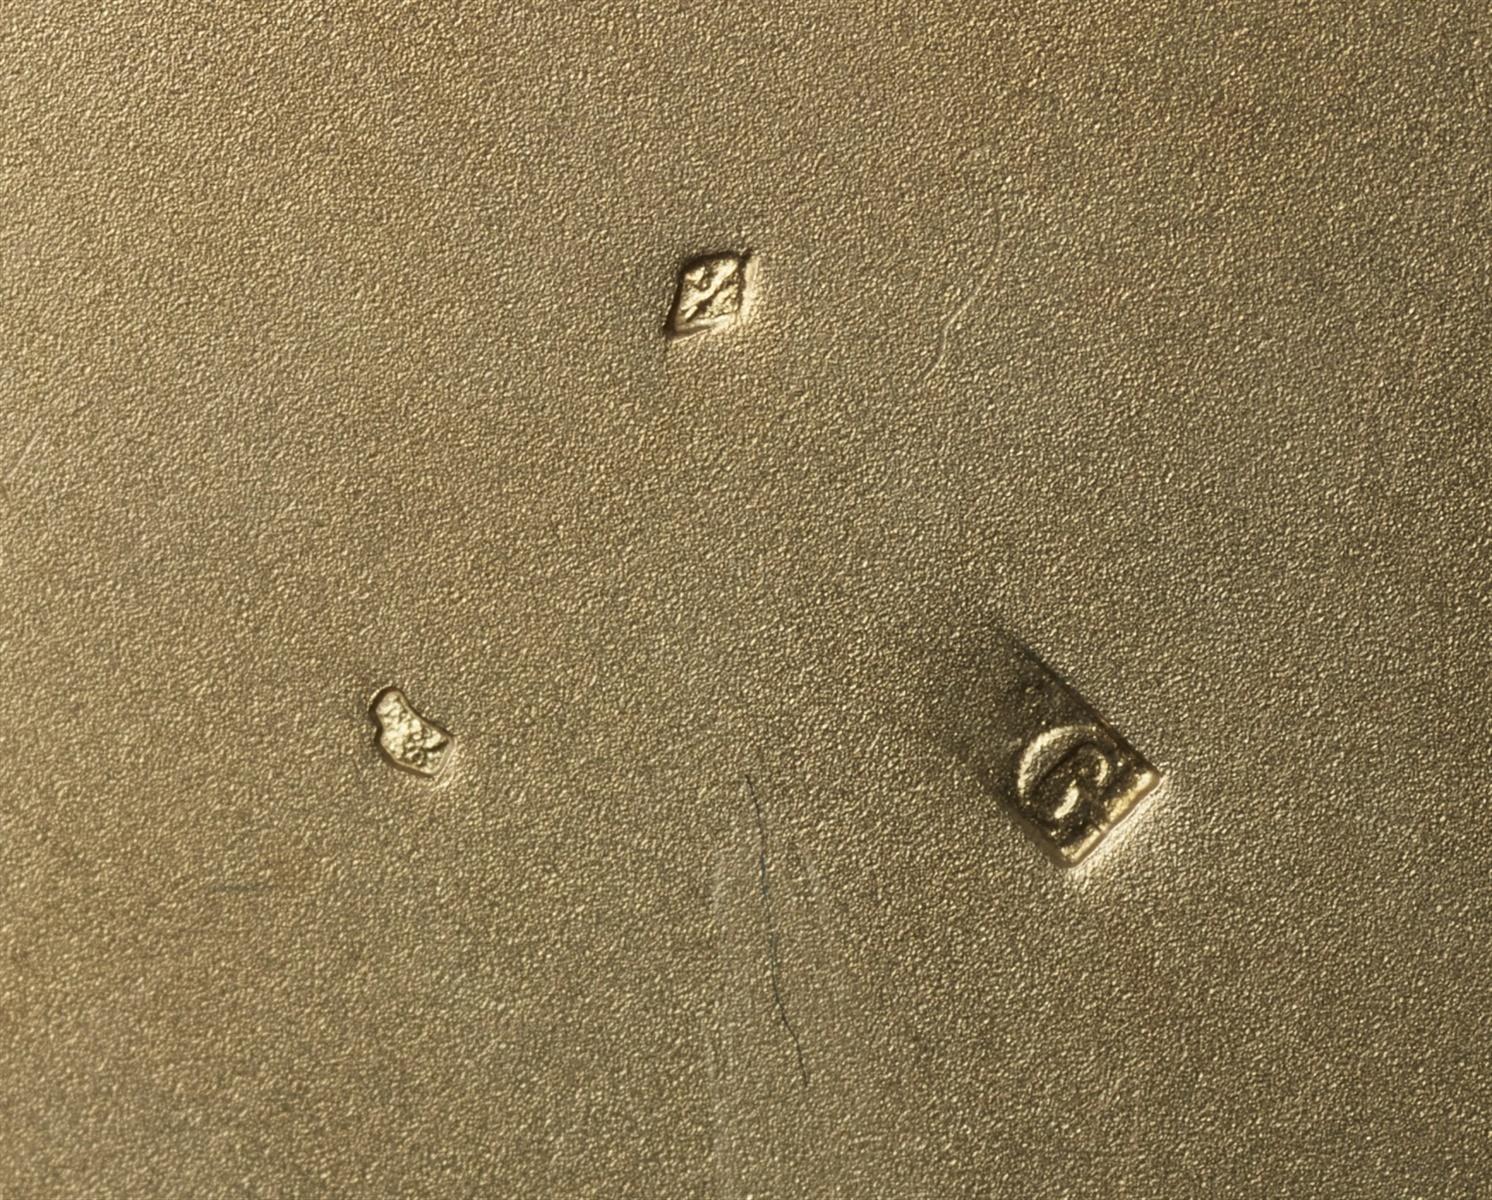 Lot 6 - Bedeutende Schale von Lucien GaillardVermeil, Elfenbein, Steinzeug mit tannengrüner Verlaufglasur.